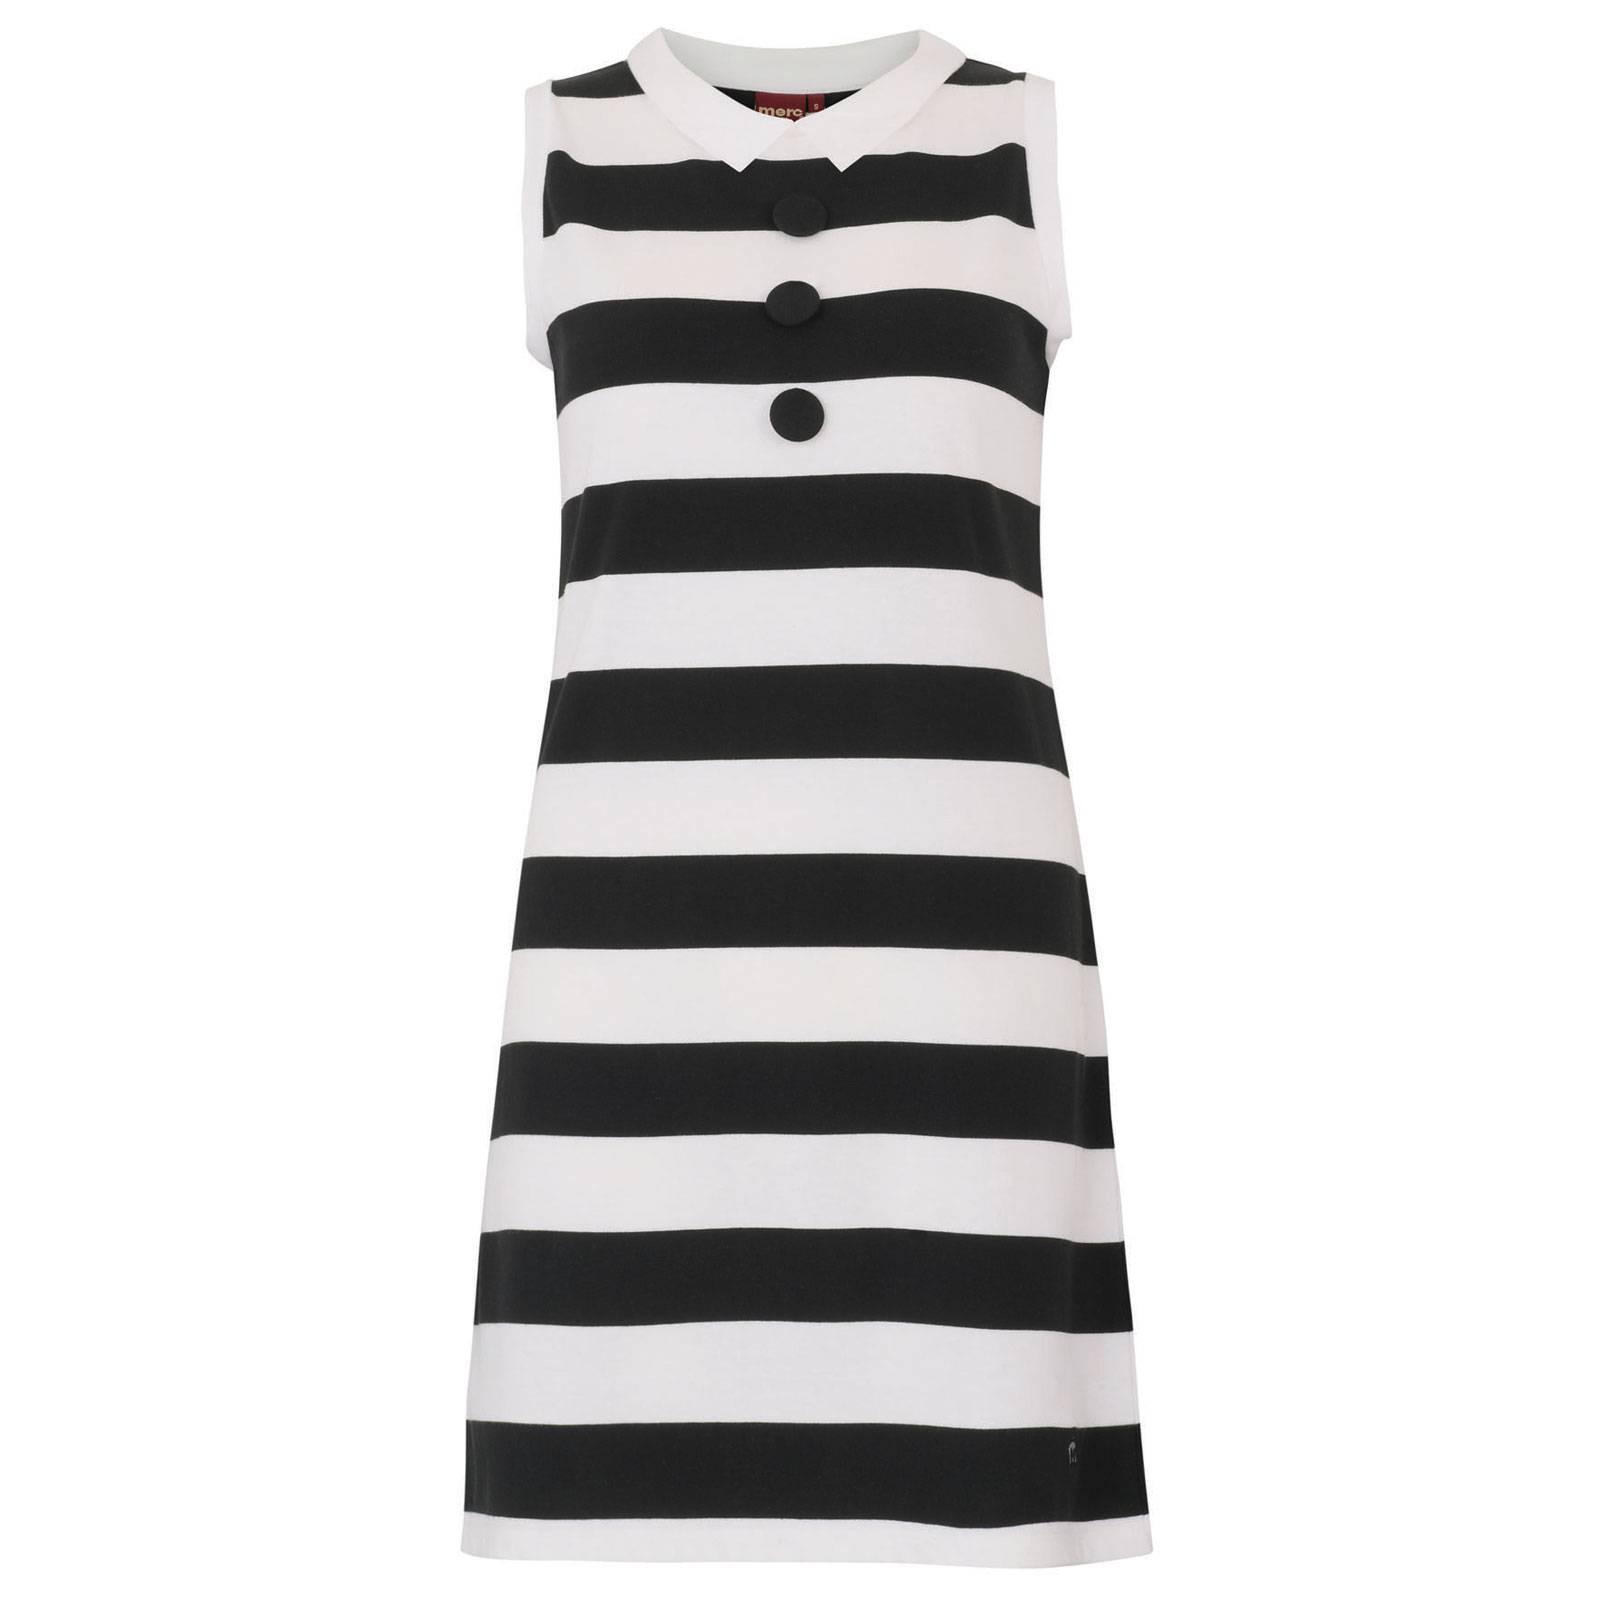 Платье AmeliaЖенское под заказ<br><br><br>Артикул: 2913103<br>Материал: 100% Хлопок<br>Цвет: черно-белый<br>Пол: Женский